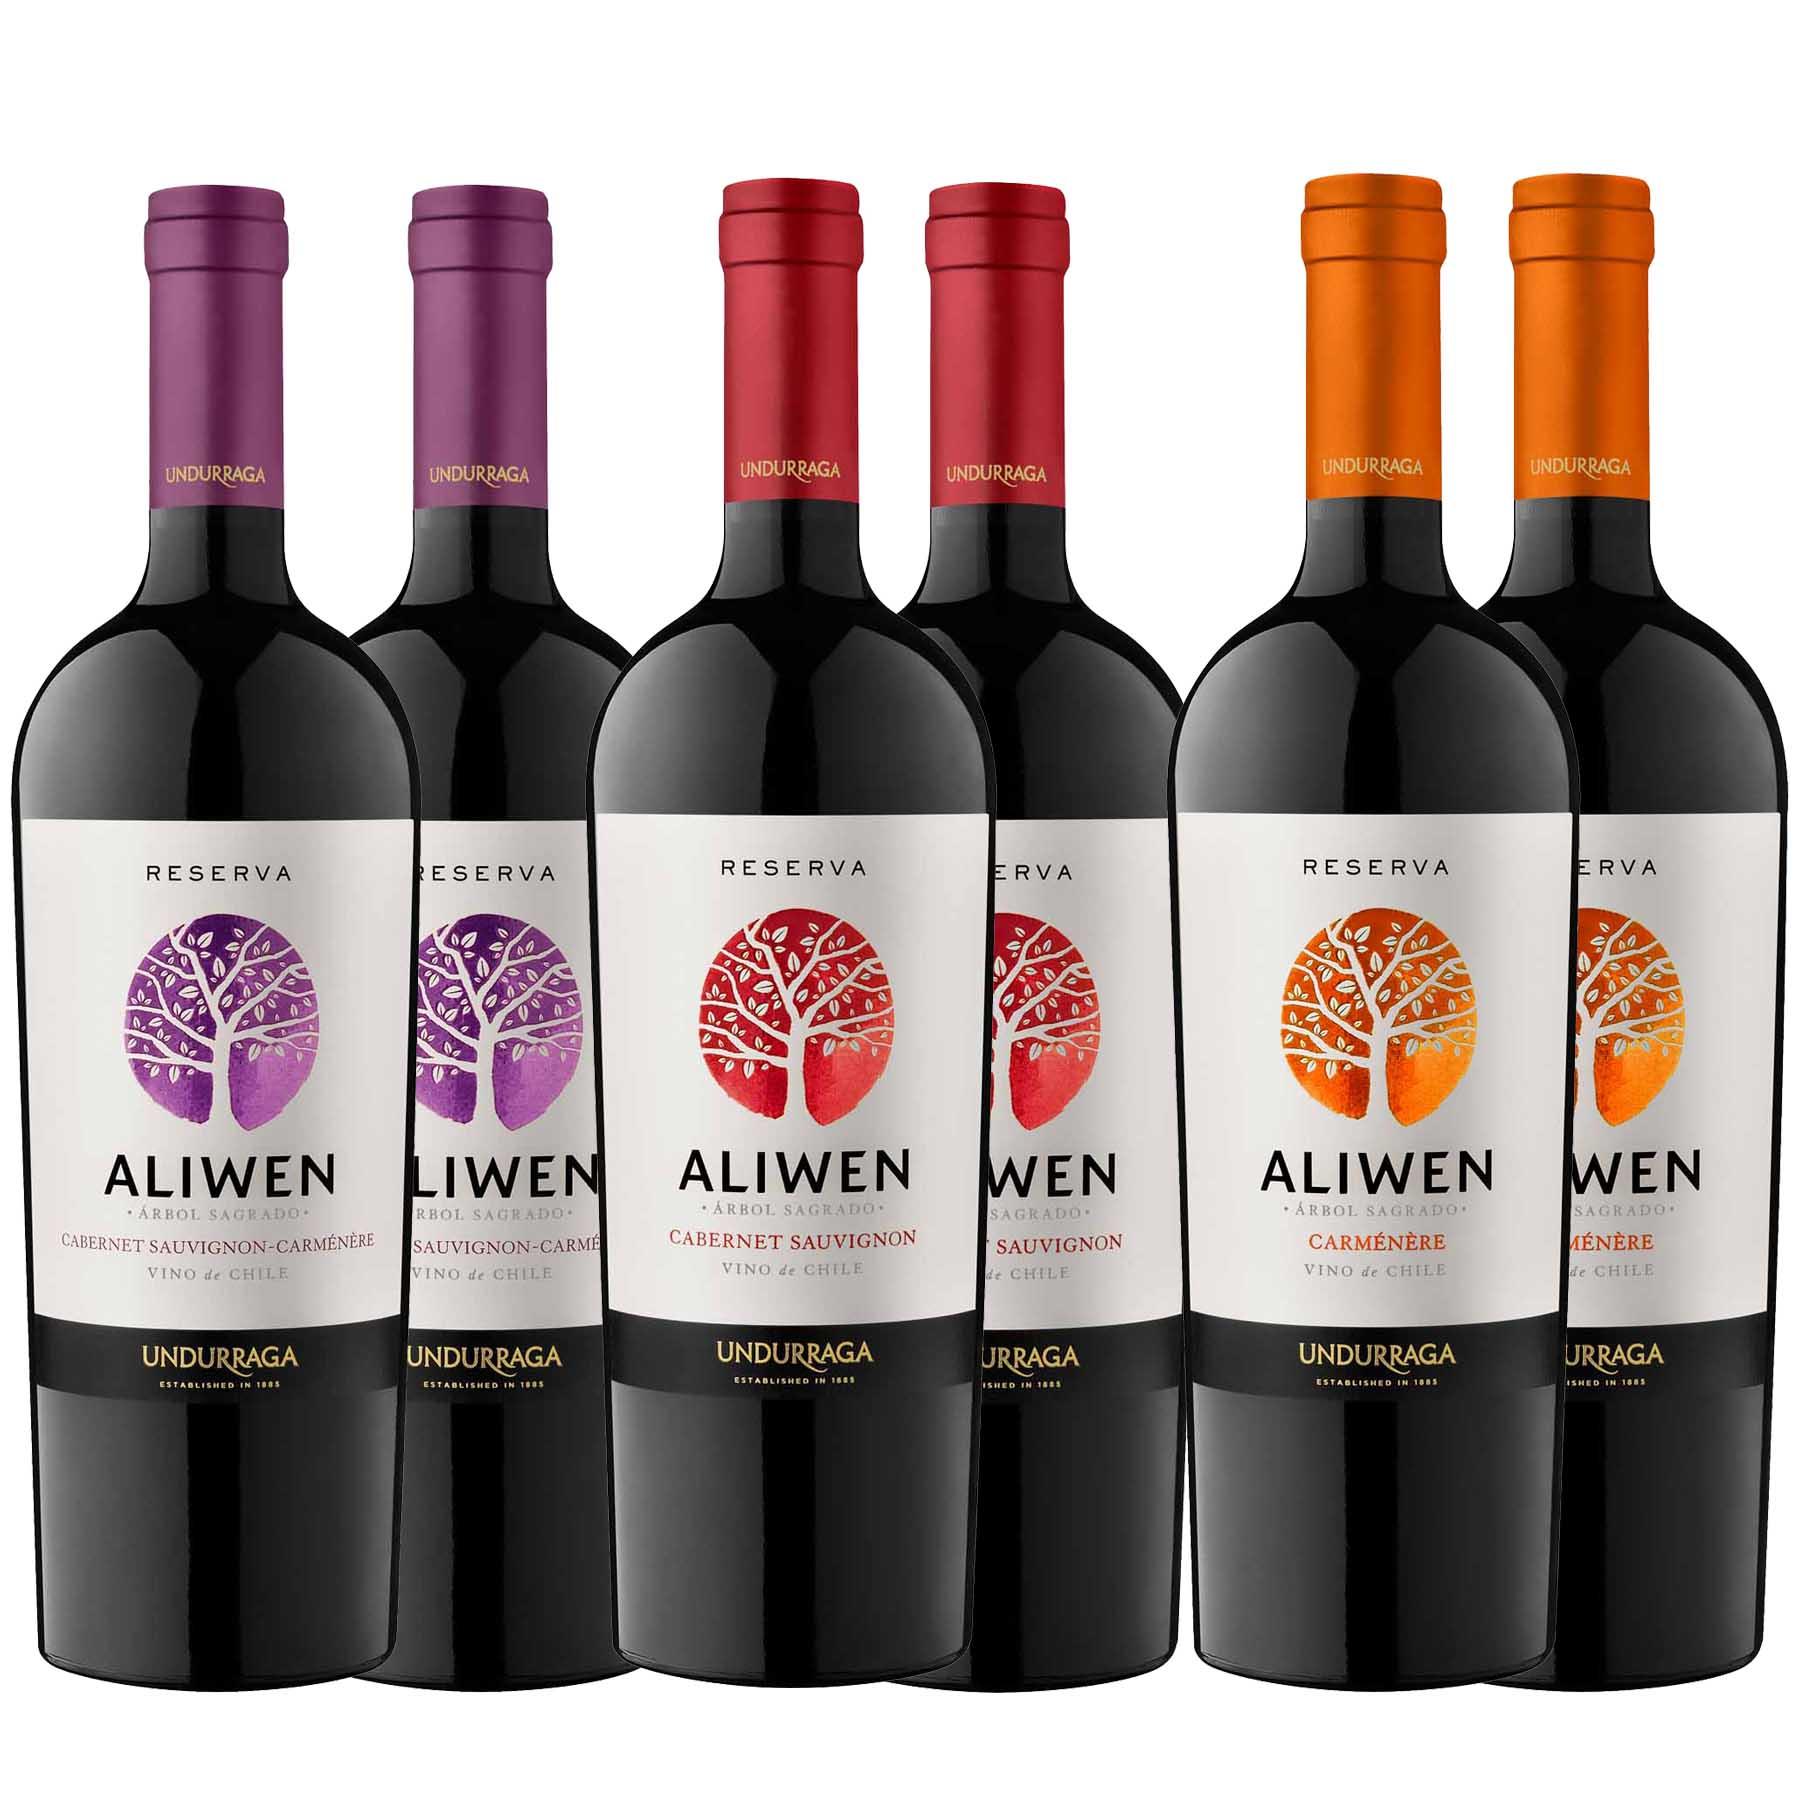 Kit 6x Vinho Tinto Chileno Undurraga Aliwen Reserva 2019